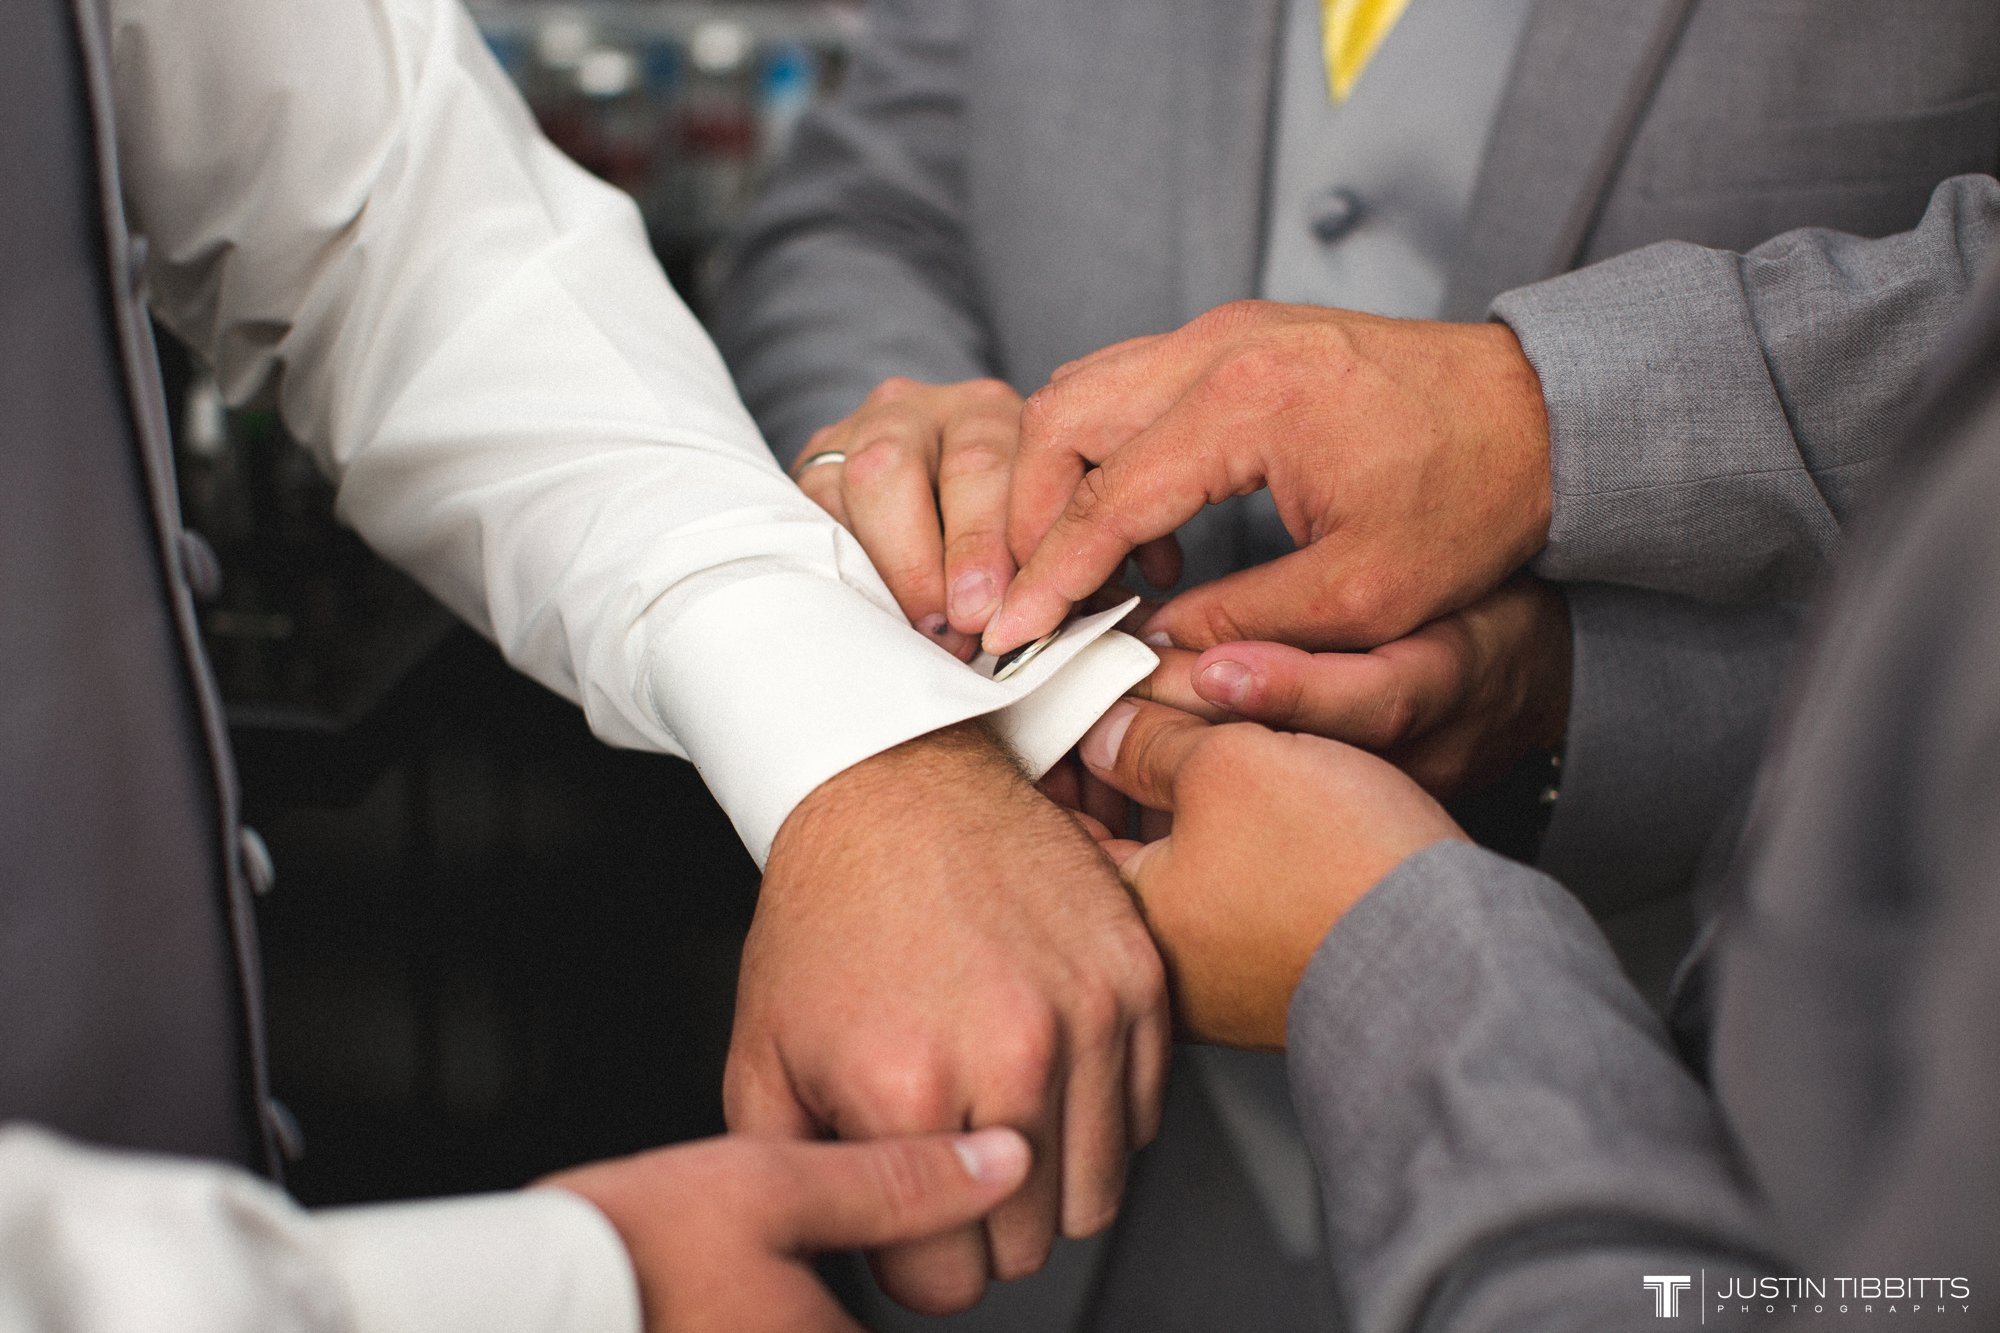 Albany NY Wedding Photographer Justin Tibbitts Photography 2014 Best of Albany NY Weddings-68541